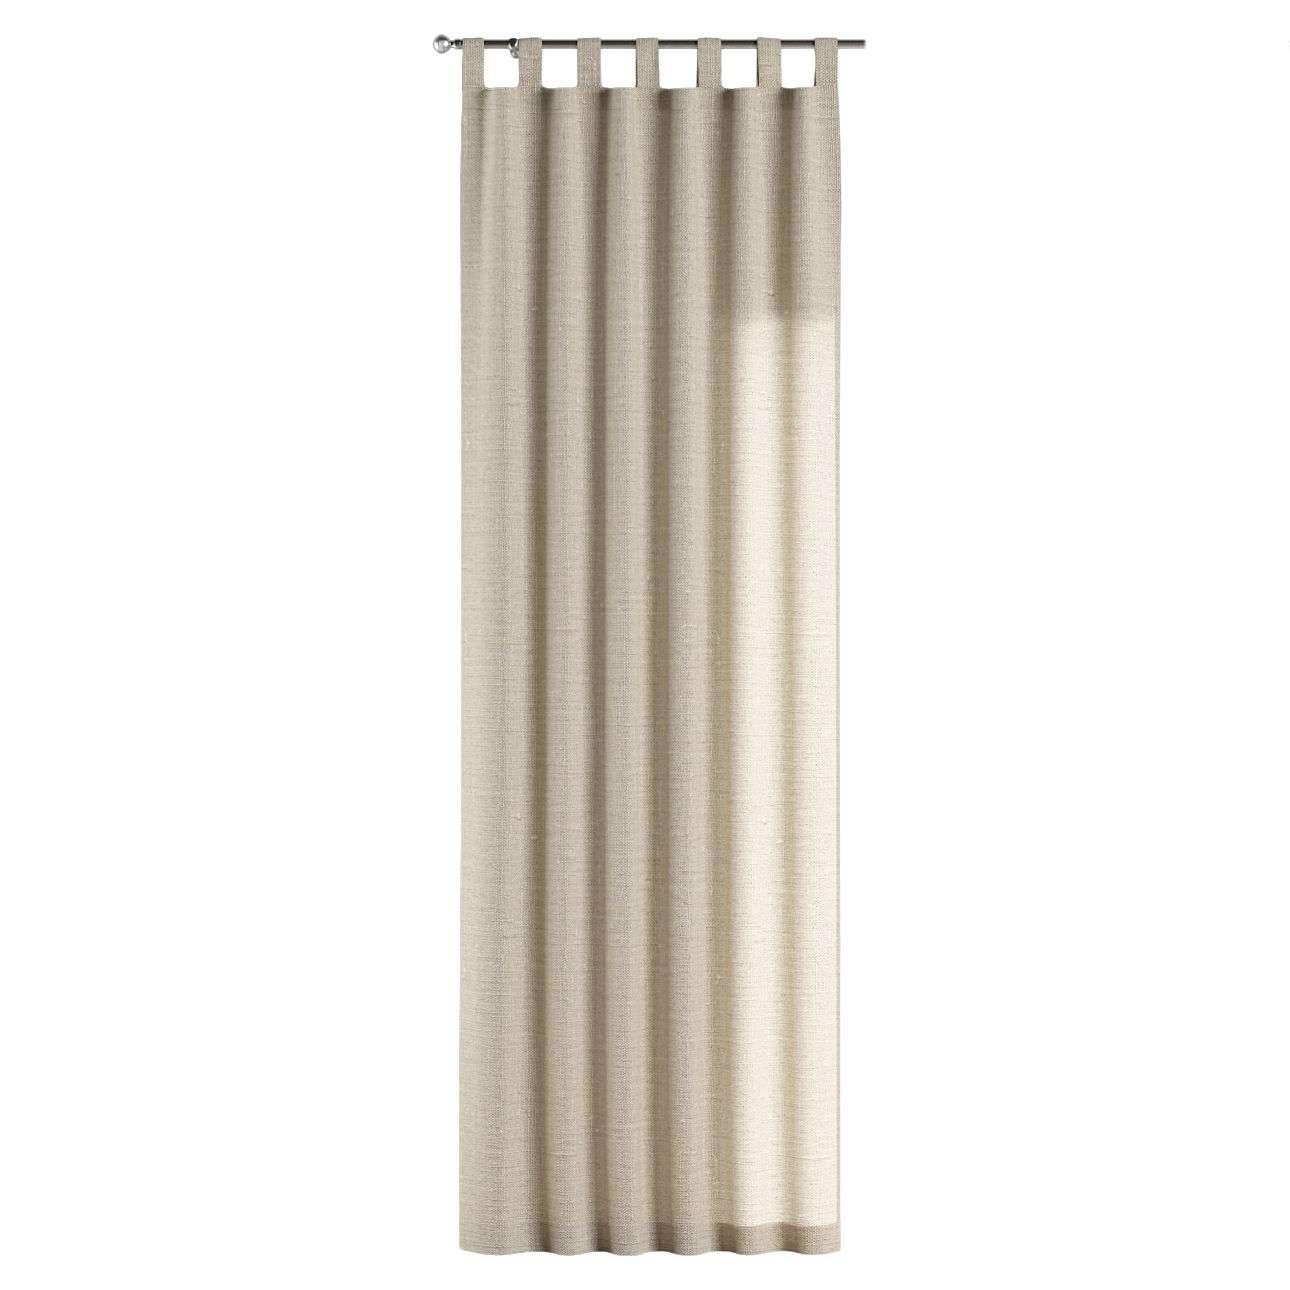 Gardin med stropper 130 x 260 cm fra kollektionen Linen, Stof: 392-05